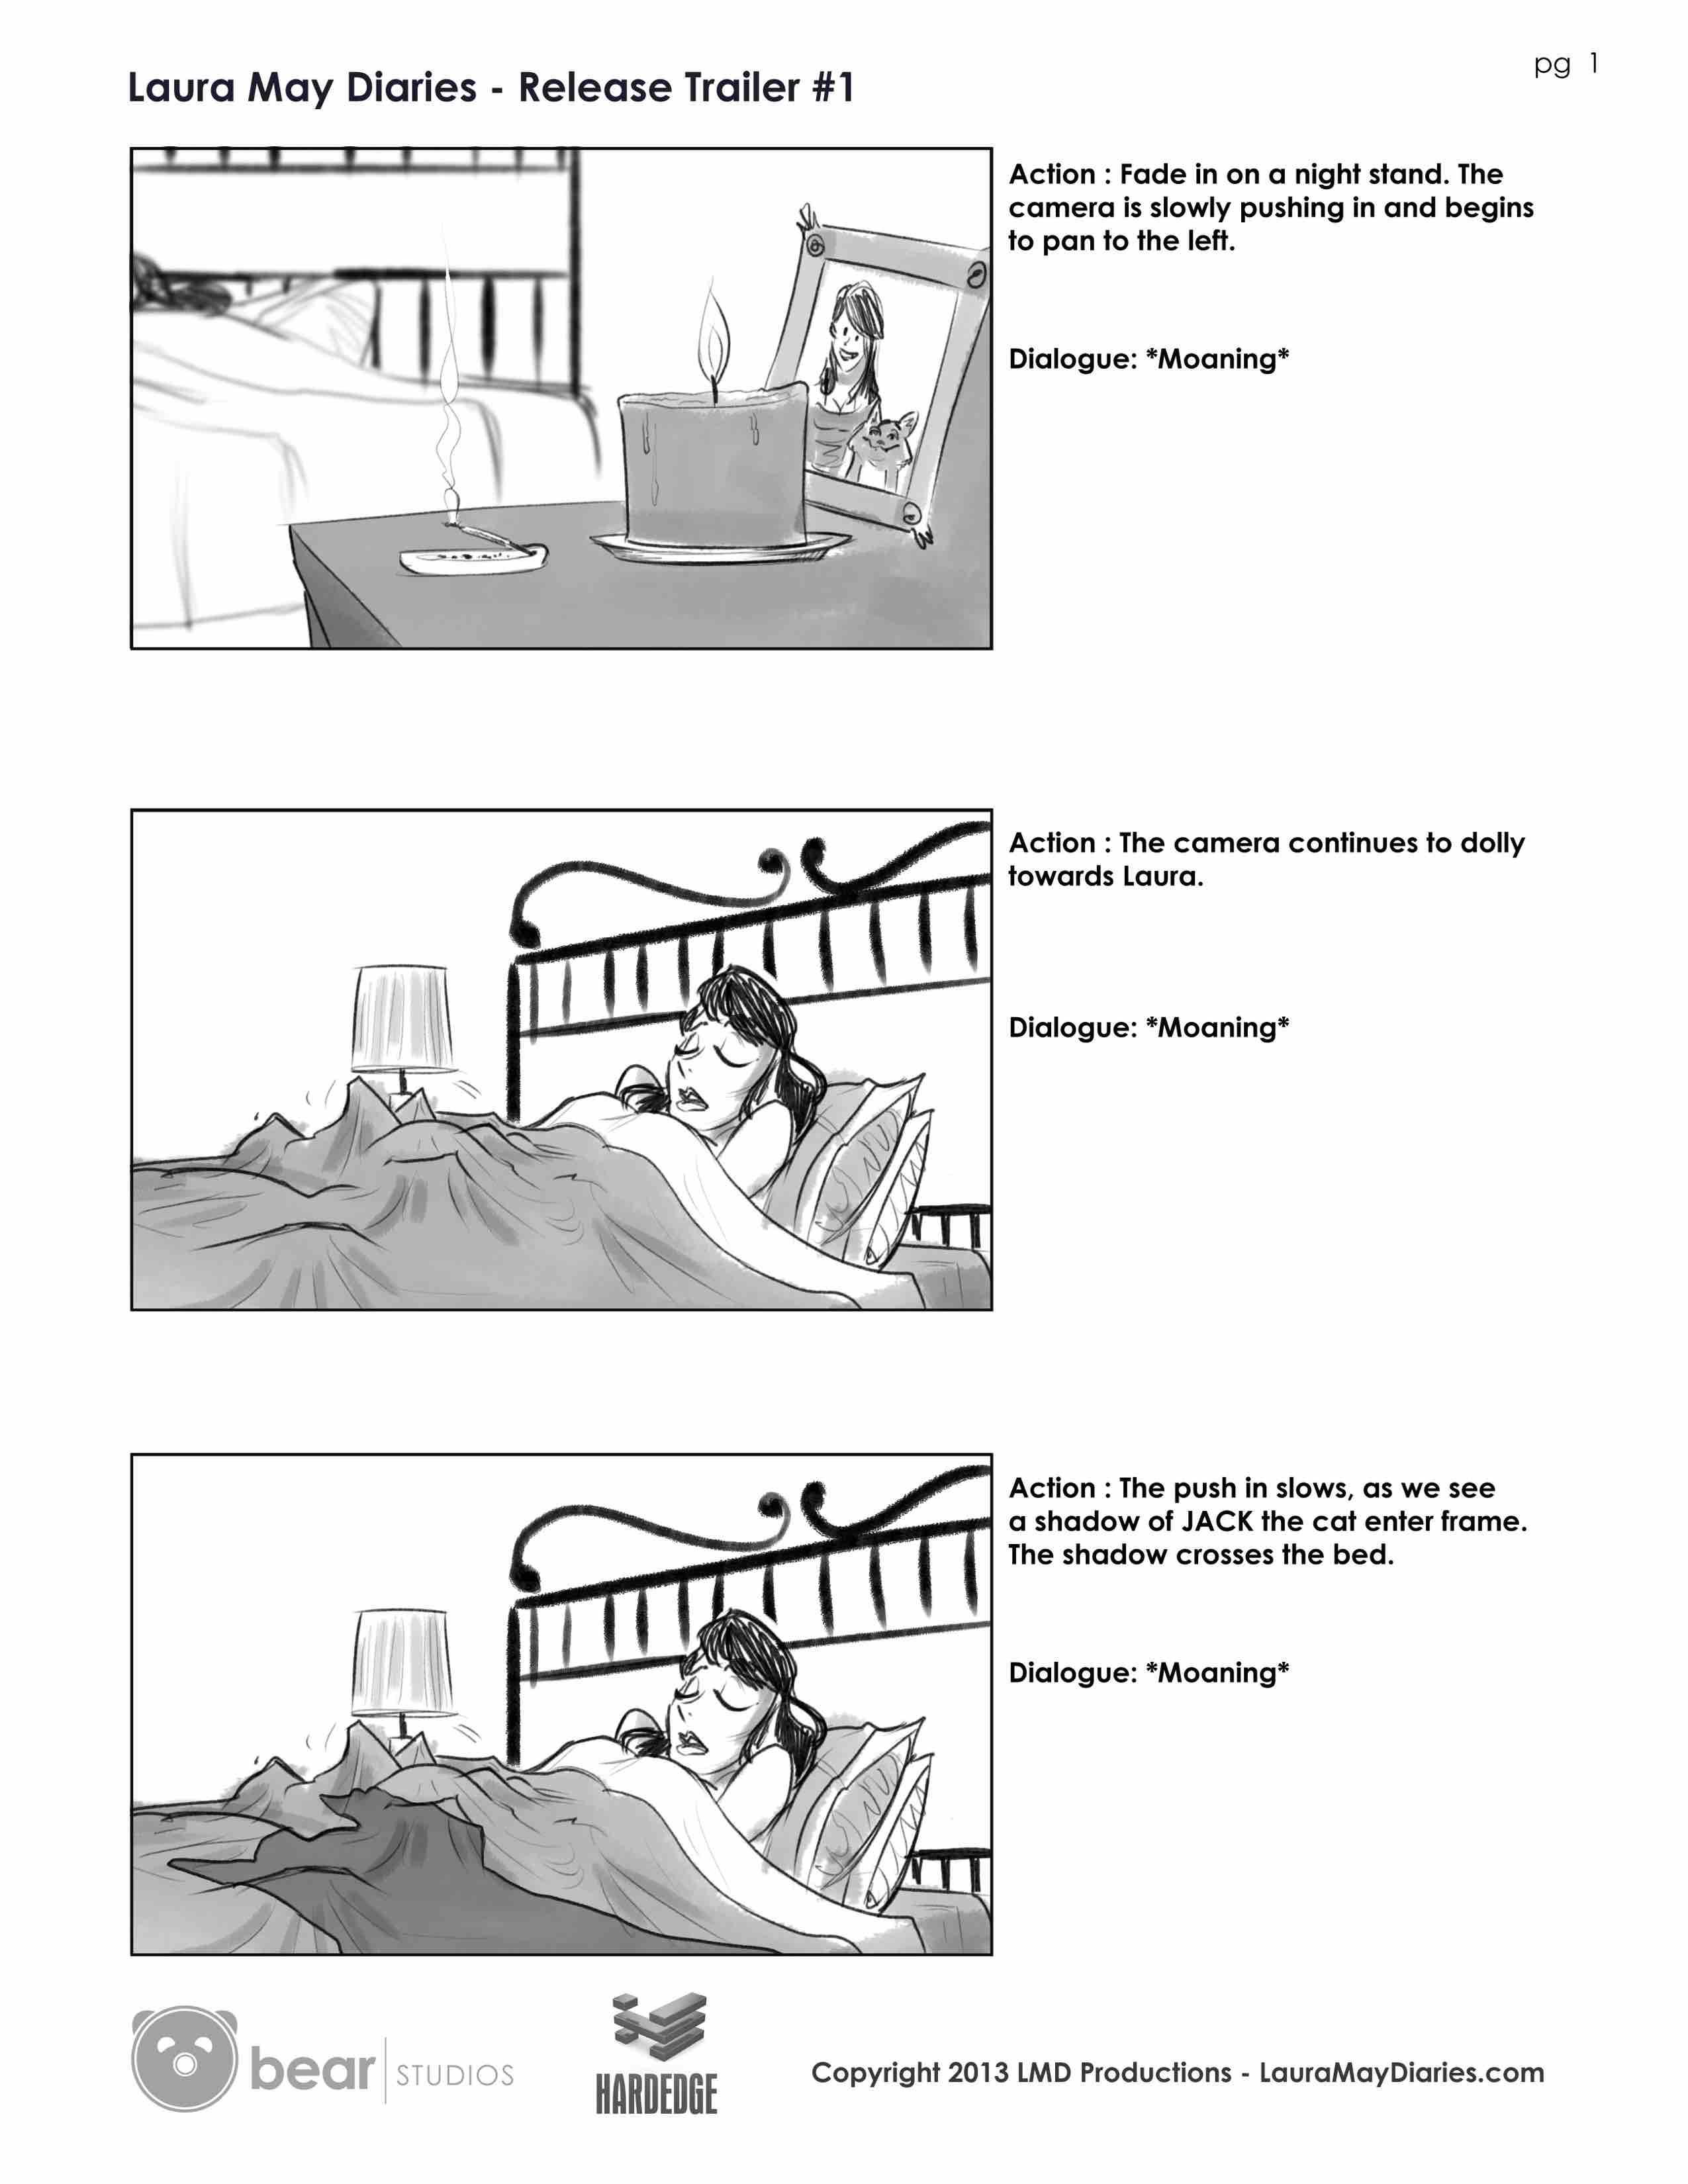 13-03-01_LMD_Trailer1_Storyboard 1